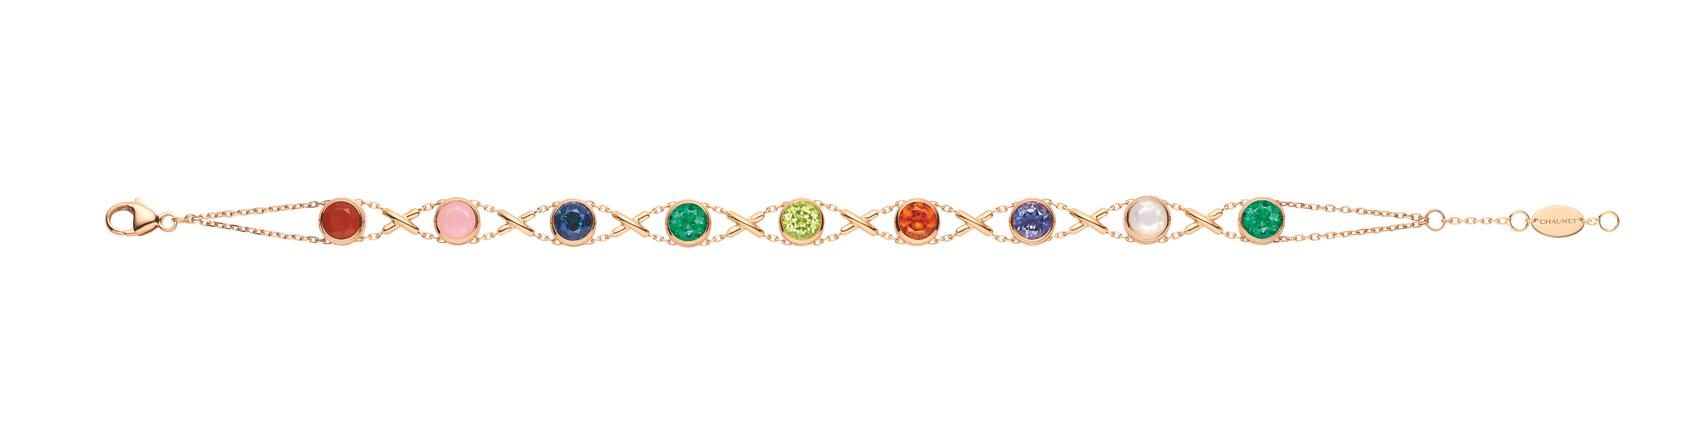 новая коллекция украшений chaumet